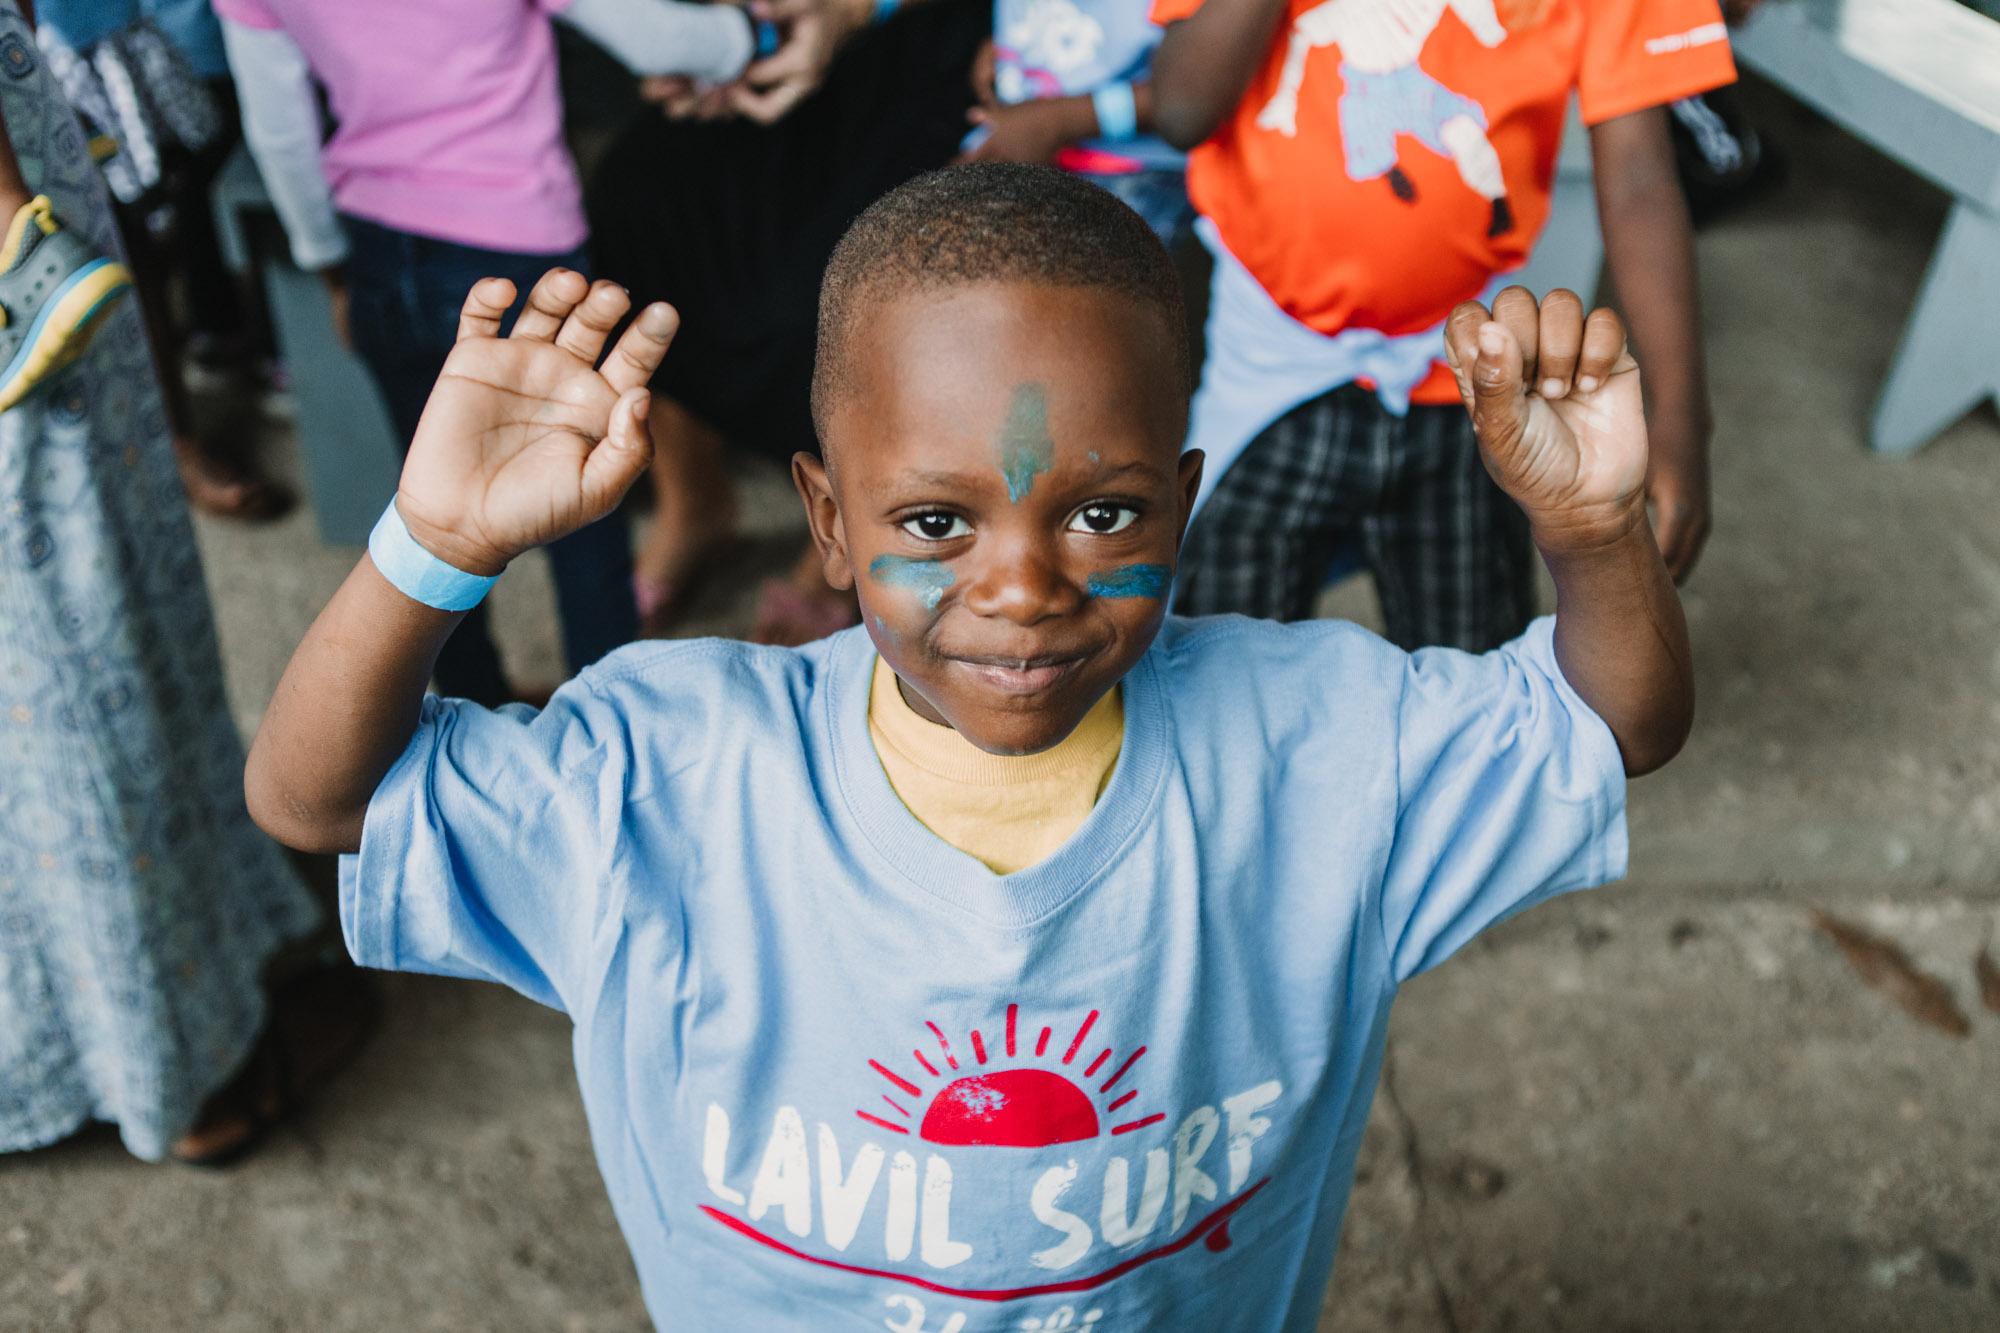 20190612_Surf City Haiti Blog_008_web.jpg